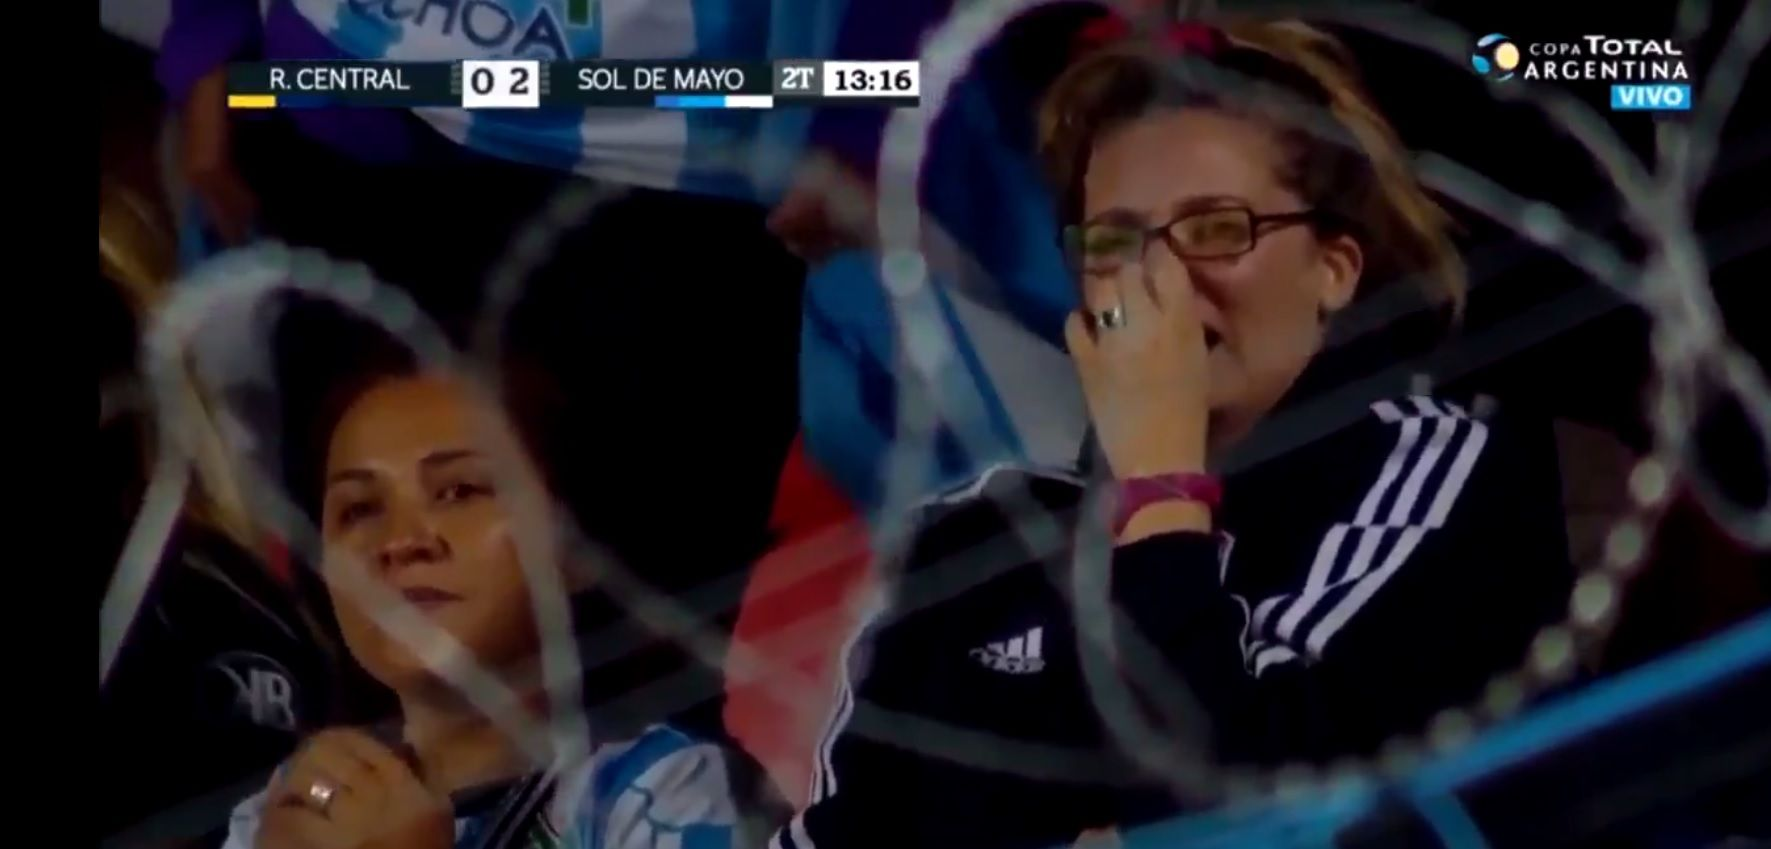 Copa Argentina: la emoción de los hinchas de Sol de Mayo luego de eliminar a Rosario Central